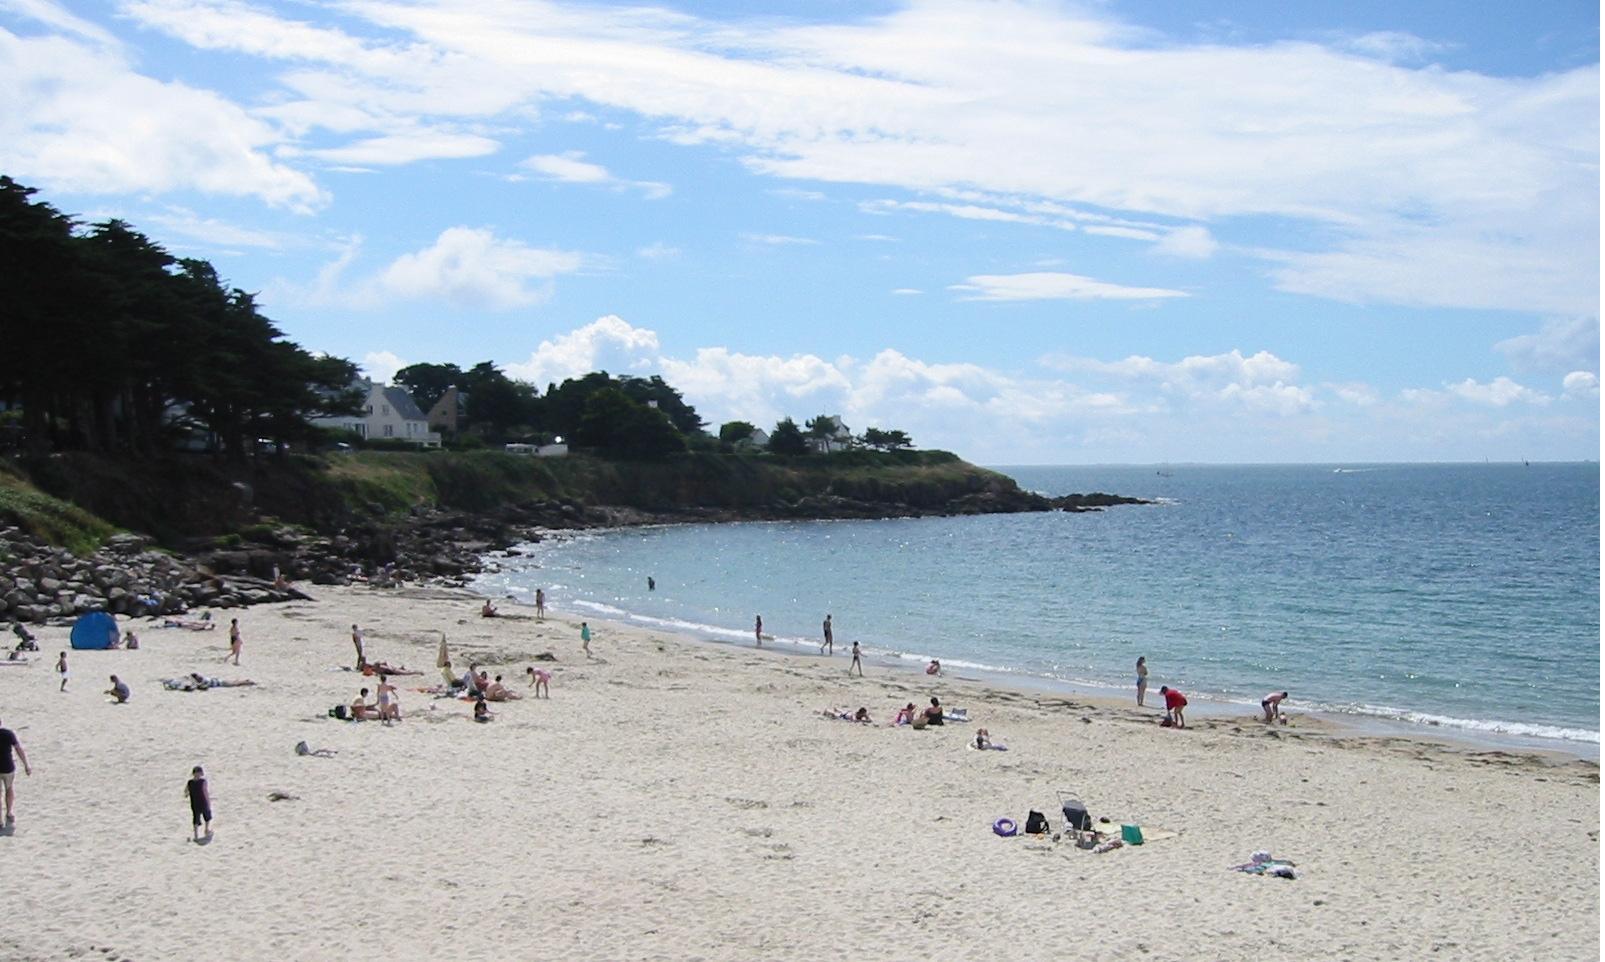 Plage de Bretagne - France